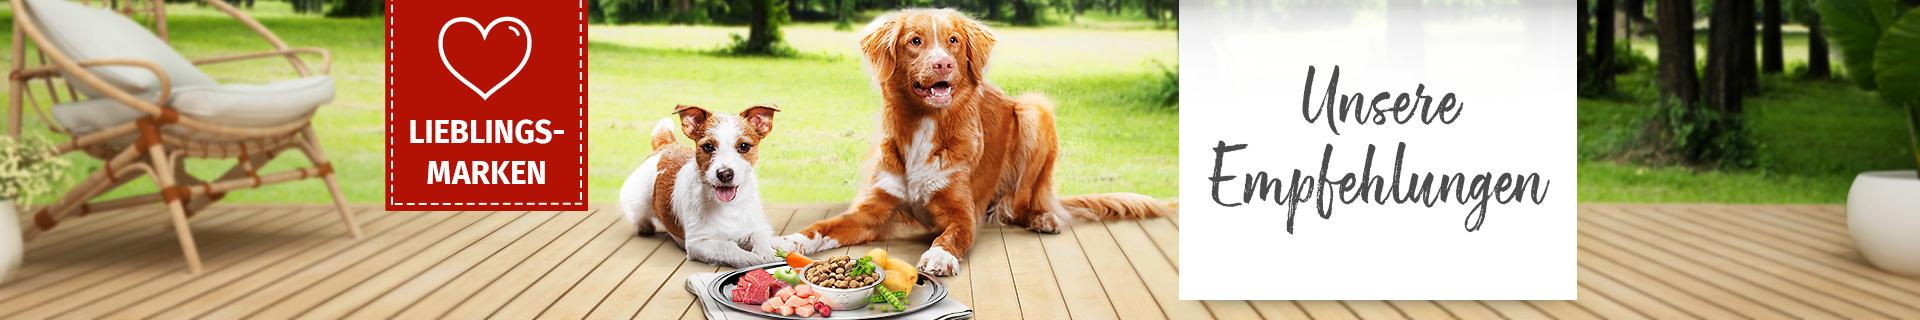 Unsere Empfehlungen - Lieblingsmarken für Hunde